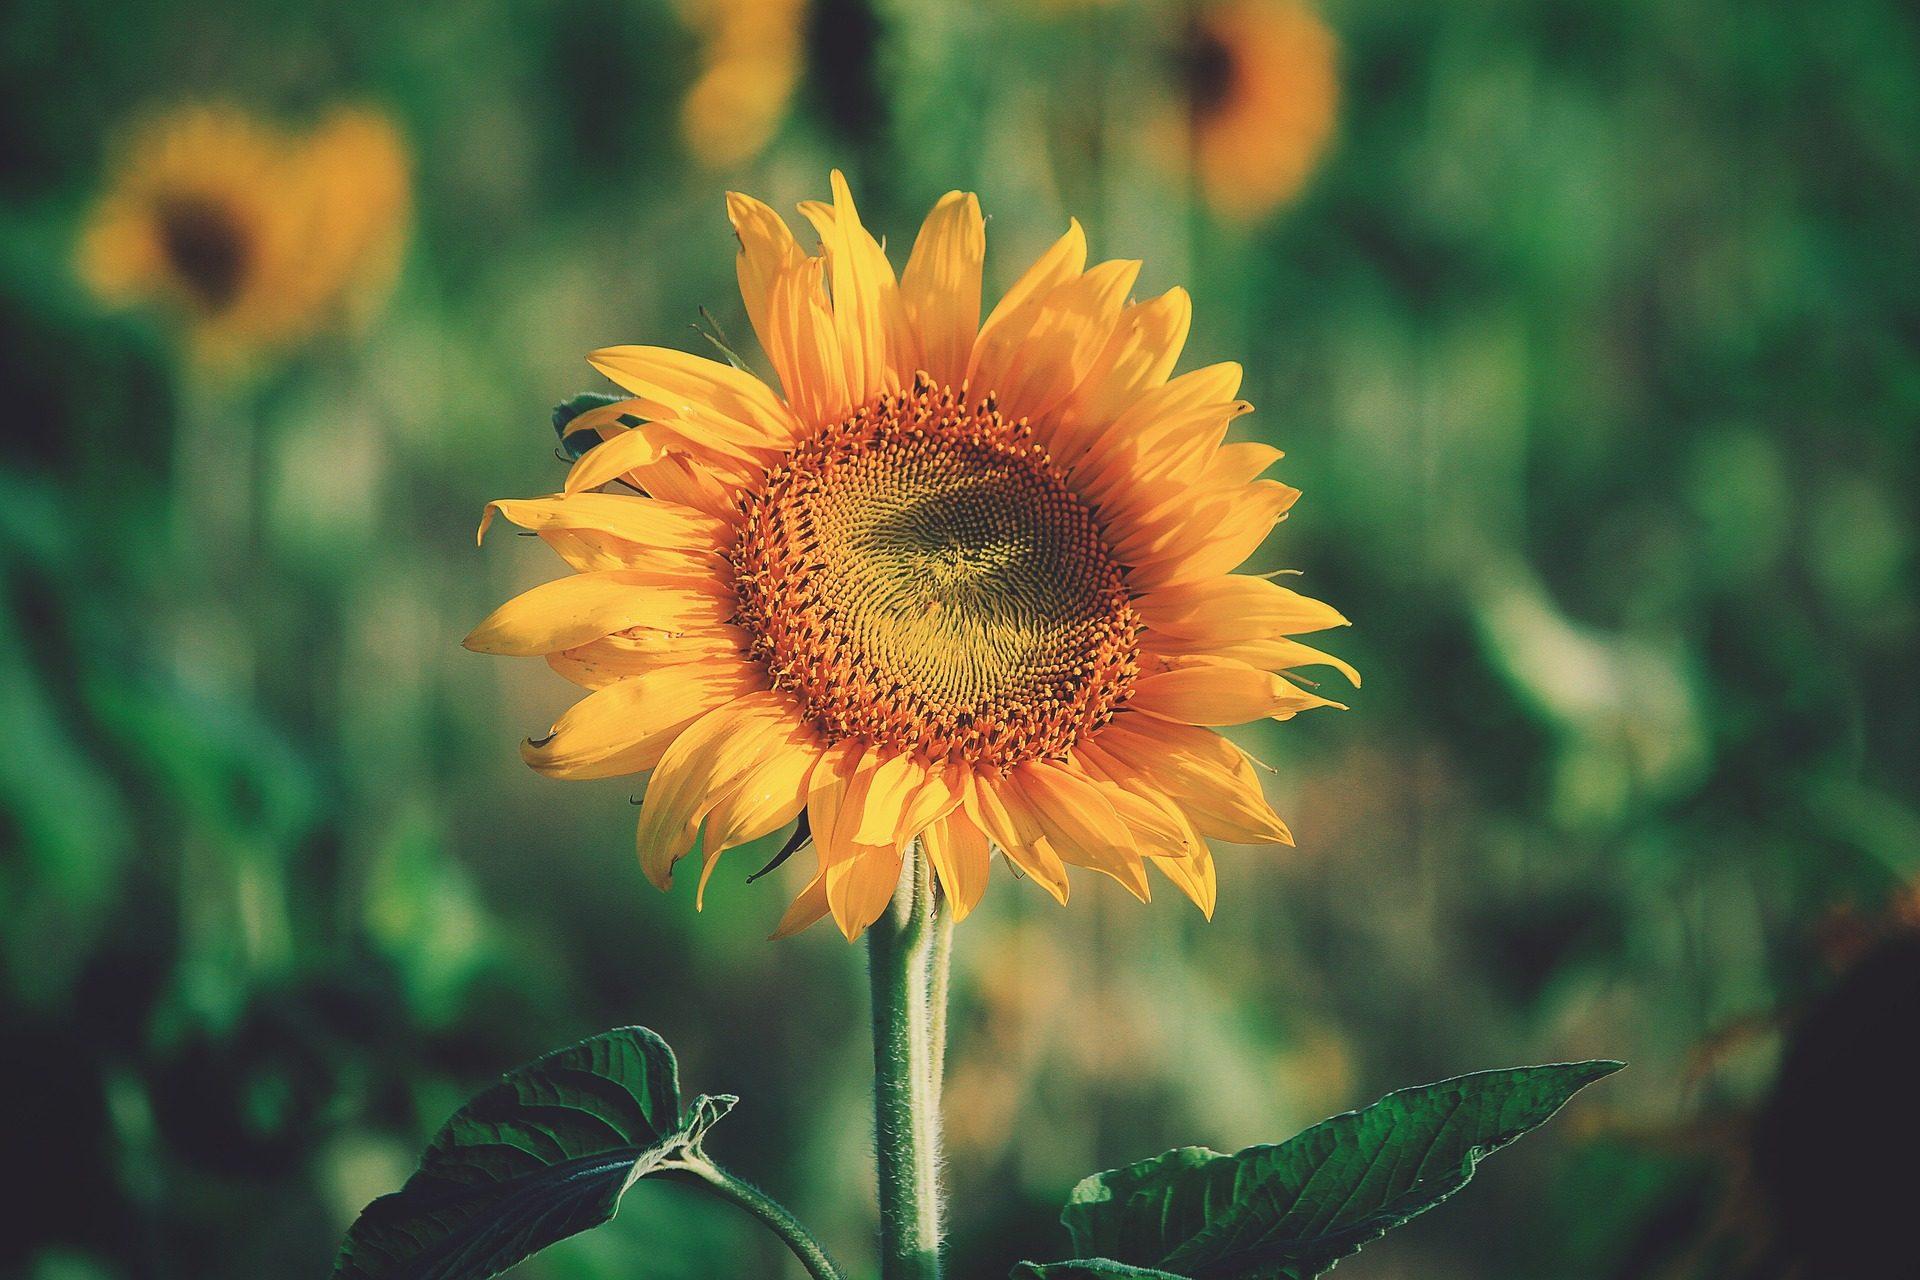 عباد الشمس, زهرة, مصنع, زراعة, مزرعة, حول - خلفيات عالية الدقة - أستاذ falken.com